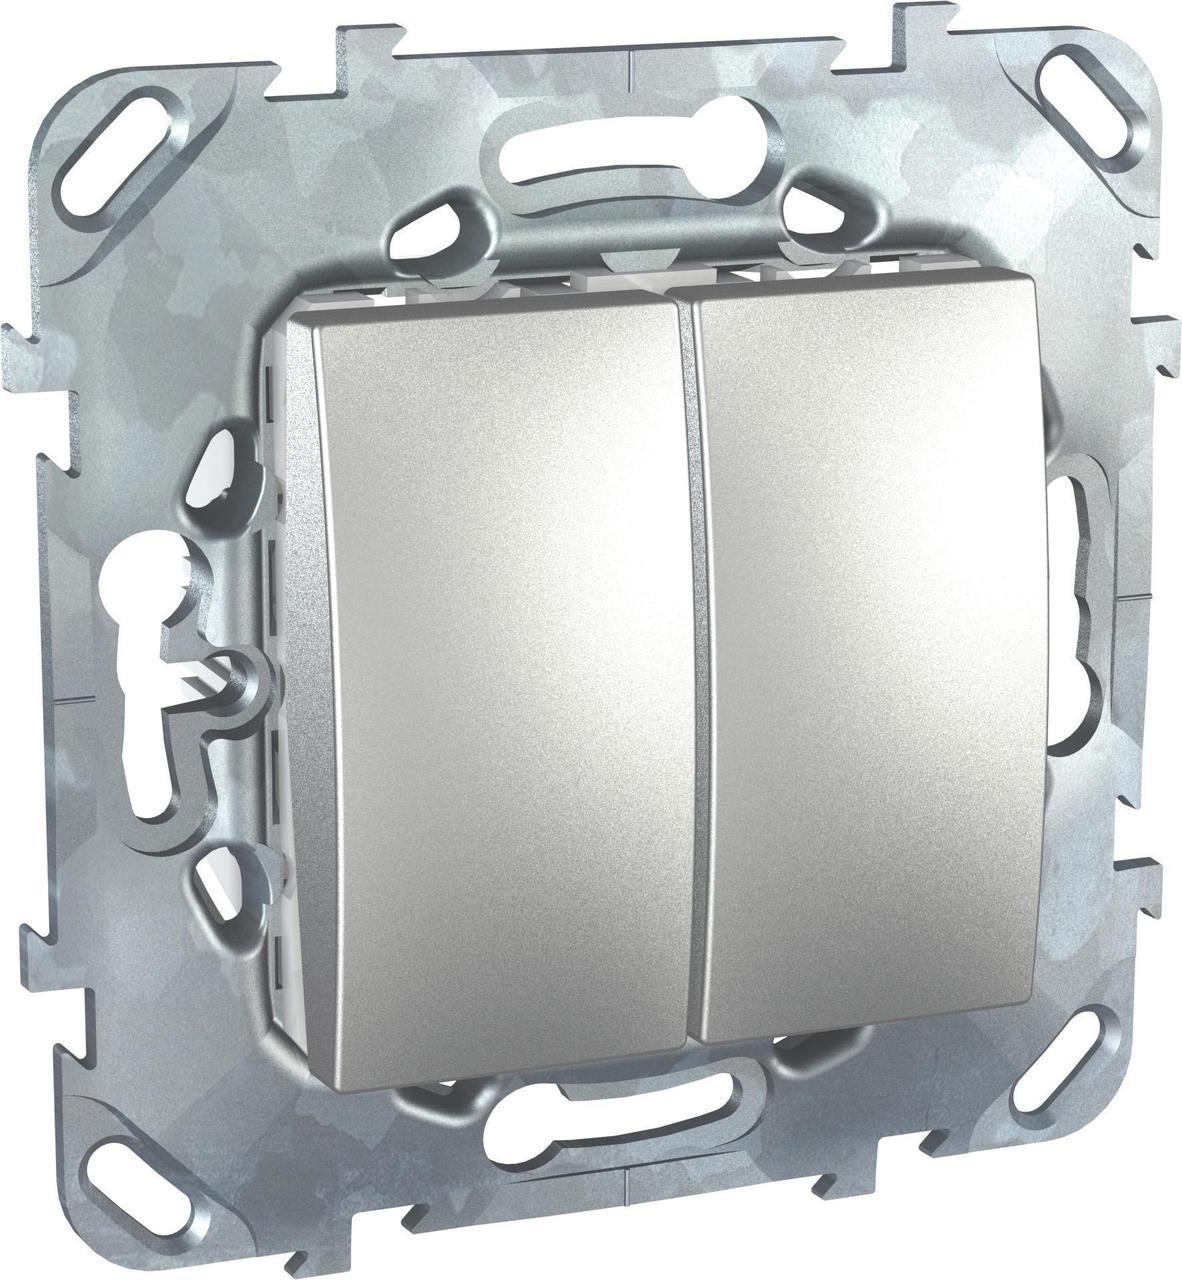 Выключатель 2-клавишный проходной (с двух мест) , Алюминий, серия UNICA TOP/CLASS, Schneider Electric